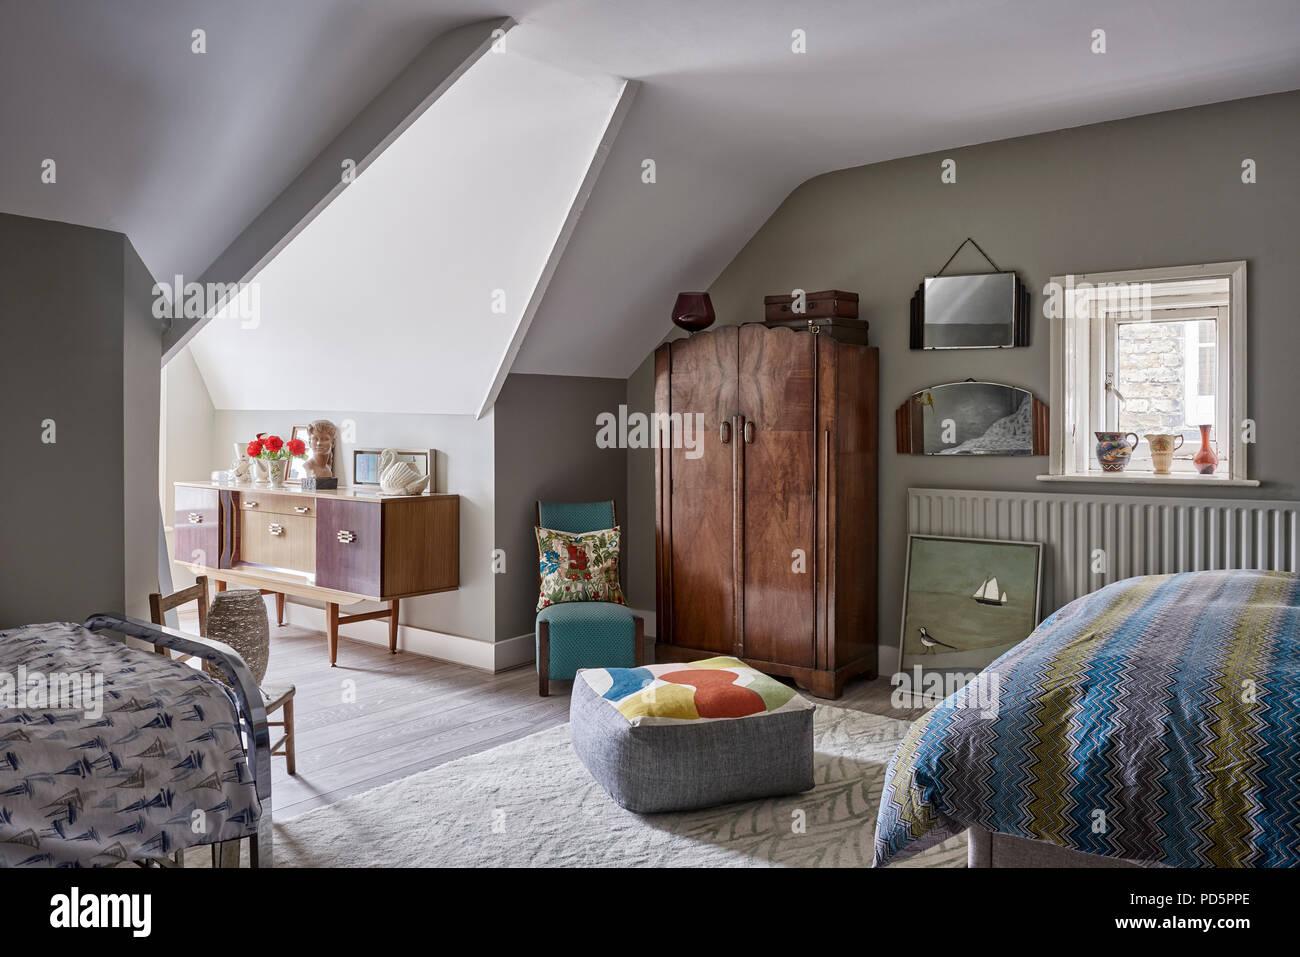 Mansarda camera da letto dipinta in francese grigio scuro a poco greene il cuscino per - Camera da letto in francese ...